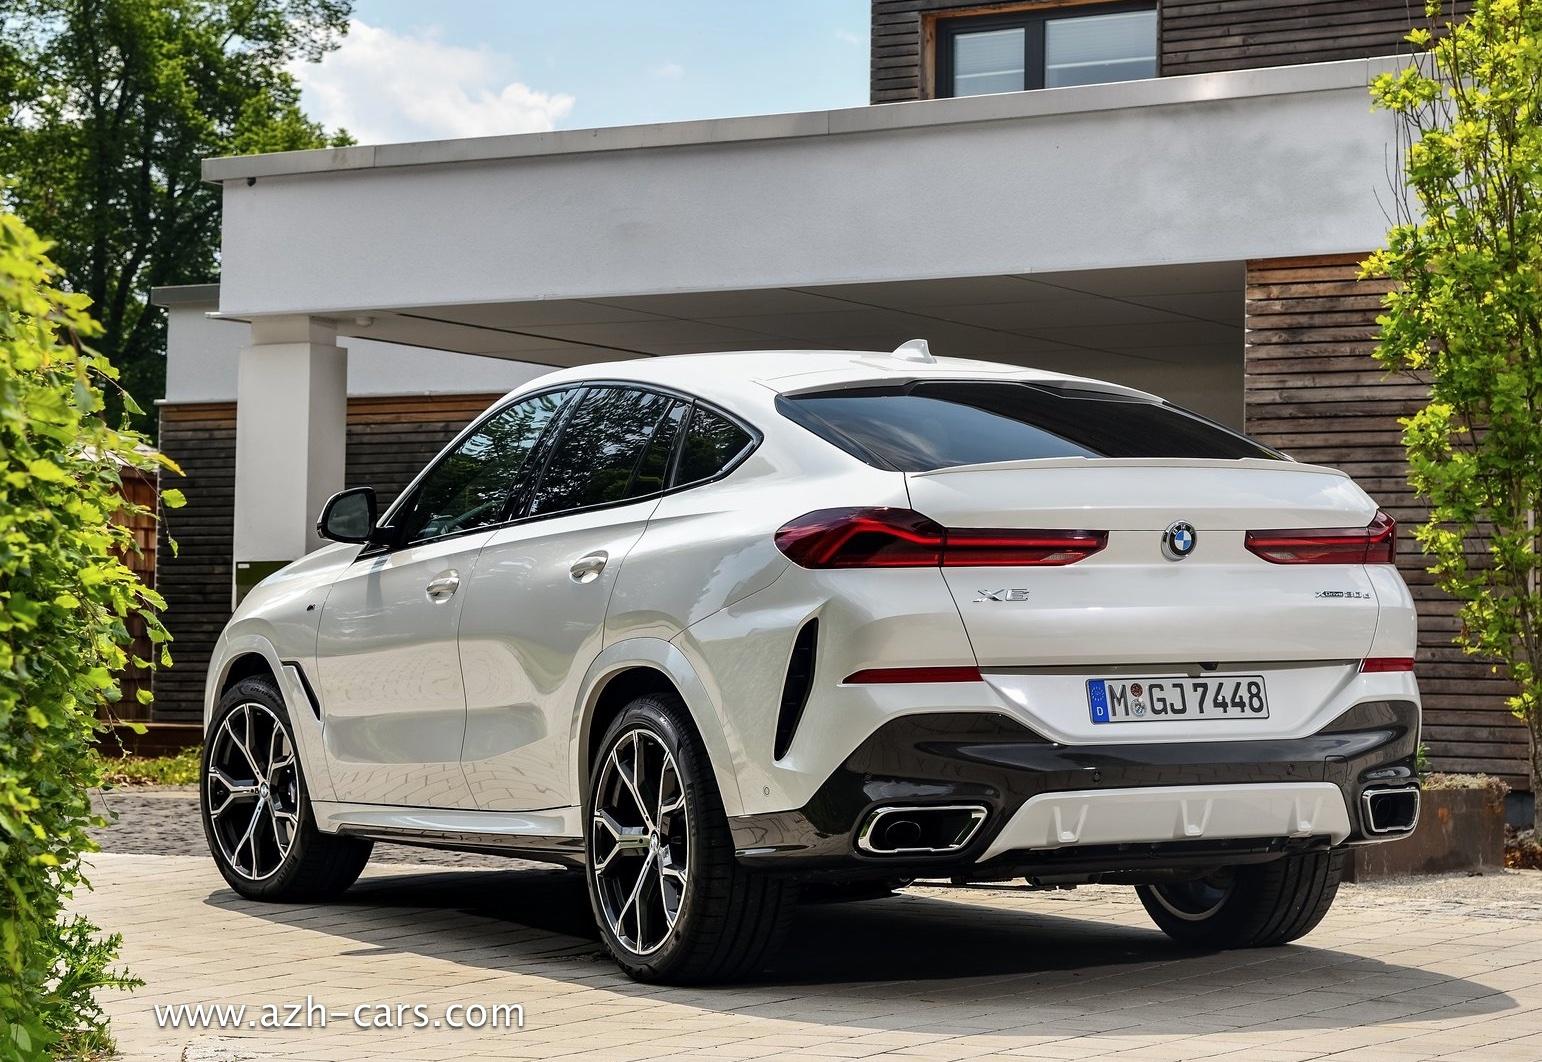 BMW X6 - 2020 - AZH-CARS